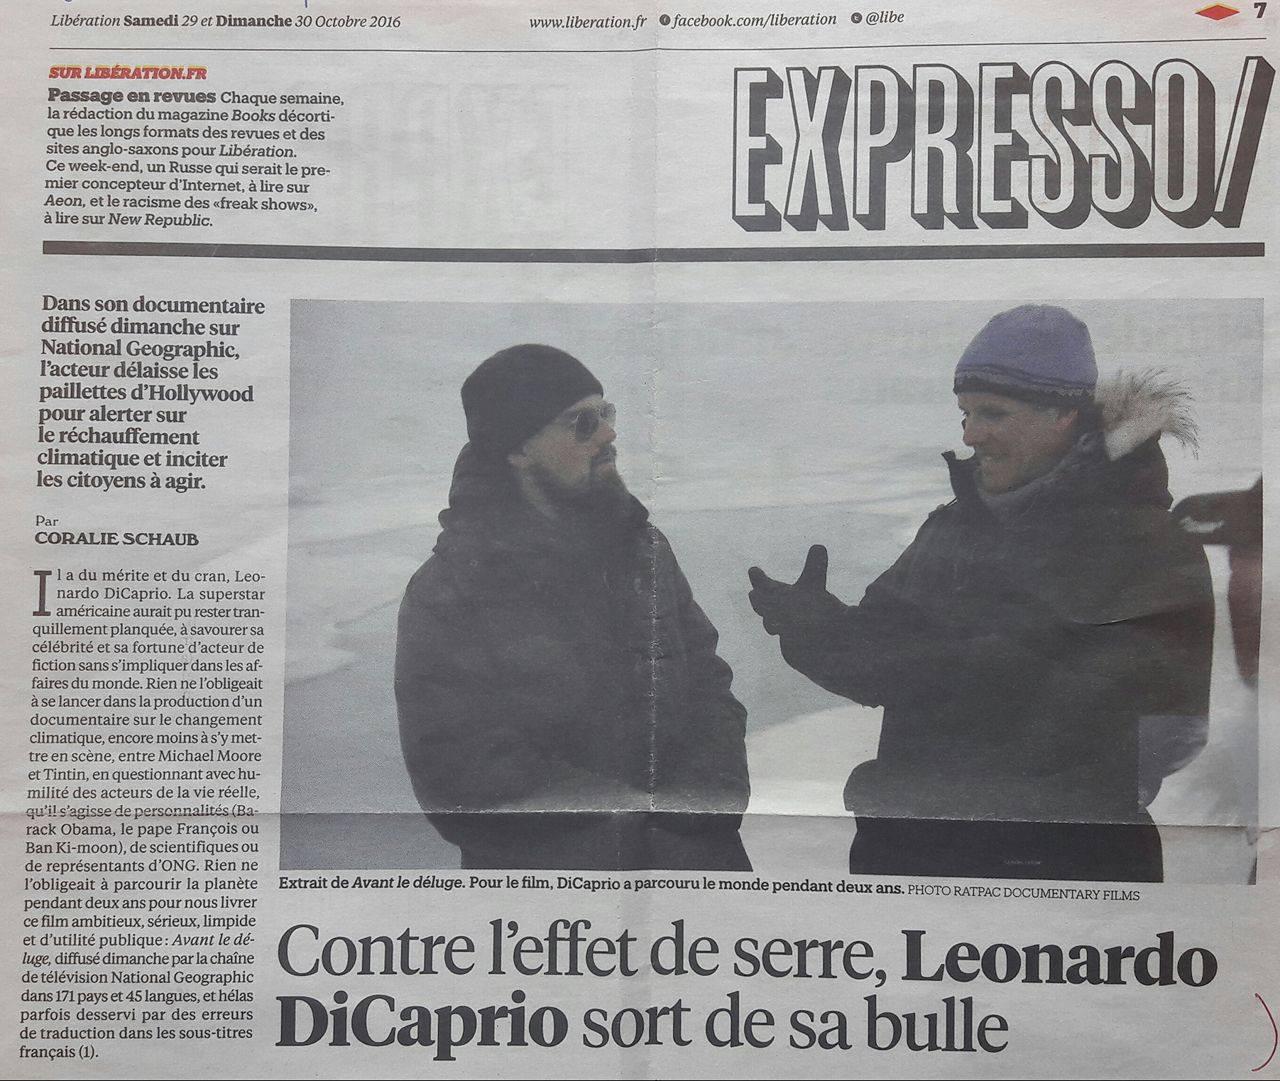 Libération, 29-30 octobre 2016 p. 7